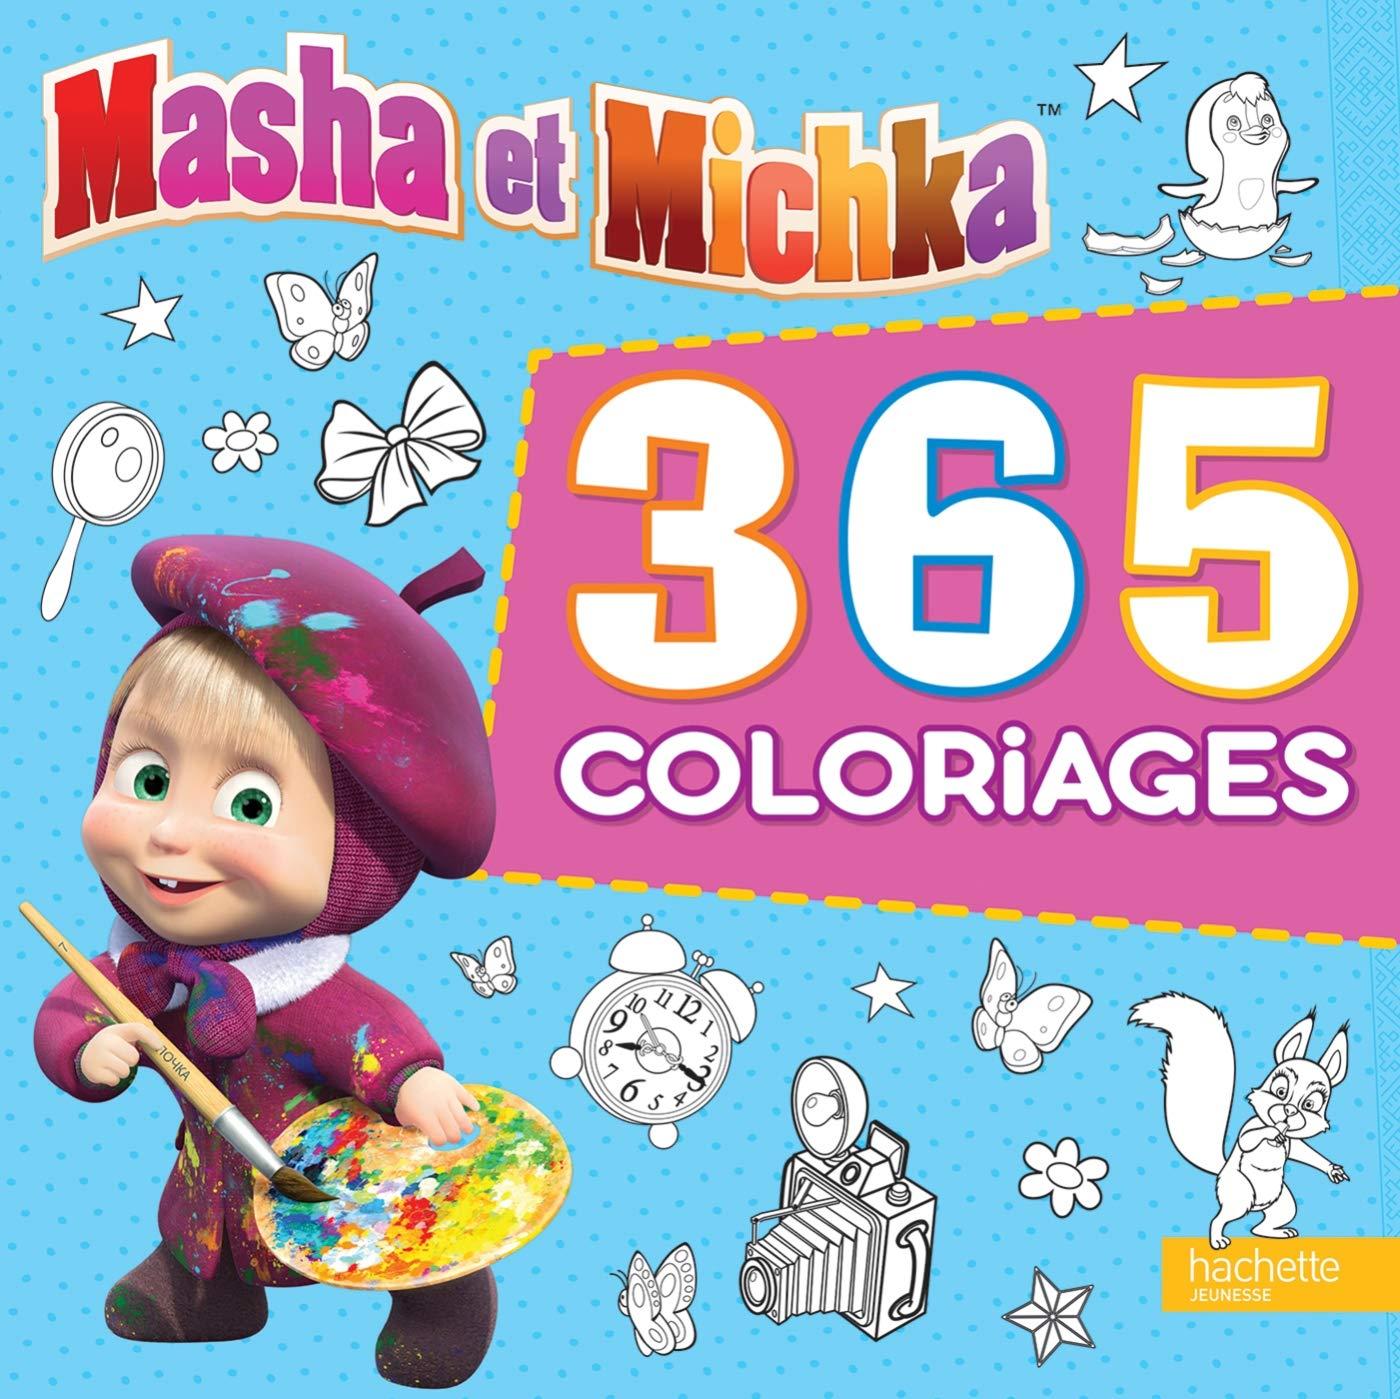 Masha Et Michka 365 Coloriages Amazon Fr Hachette Jeunesse Livres